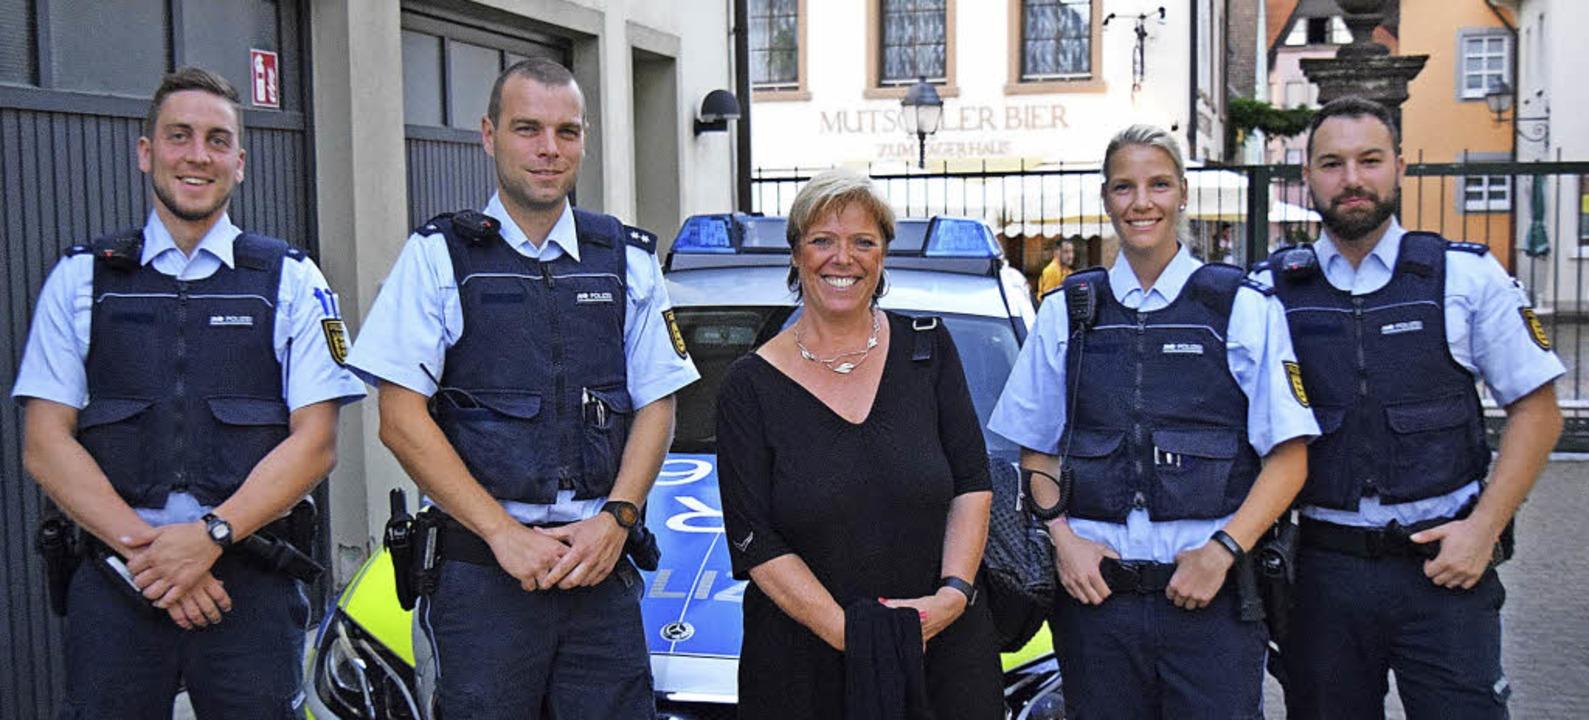 Sabine Wölfle (Mitte) begleitete eine Nachtschicht der Polizei Waldkirch.   | Foto: ZVG